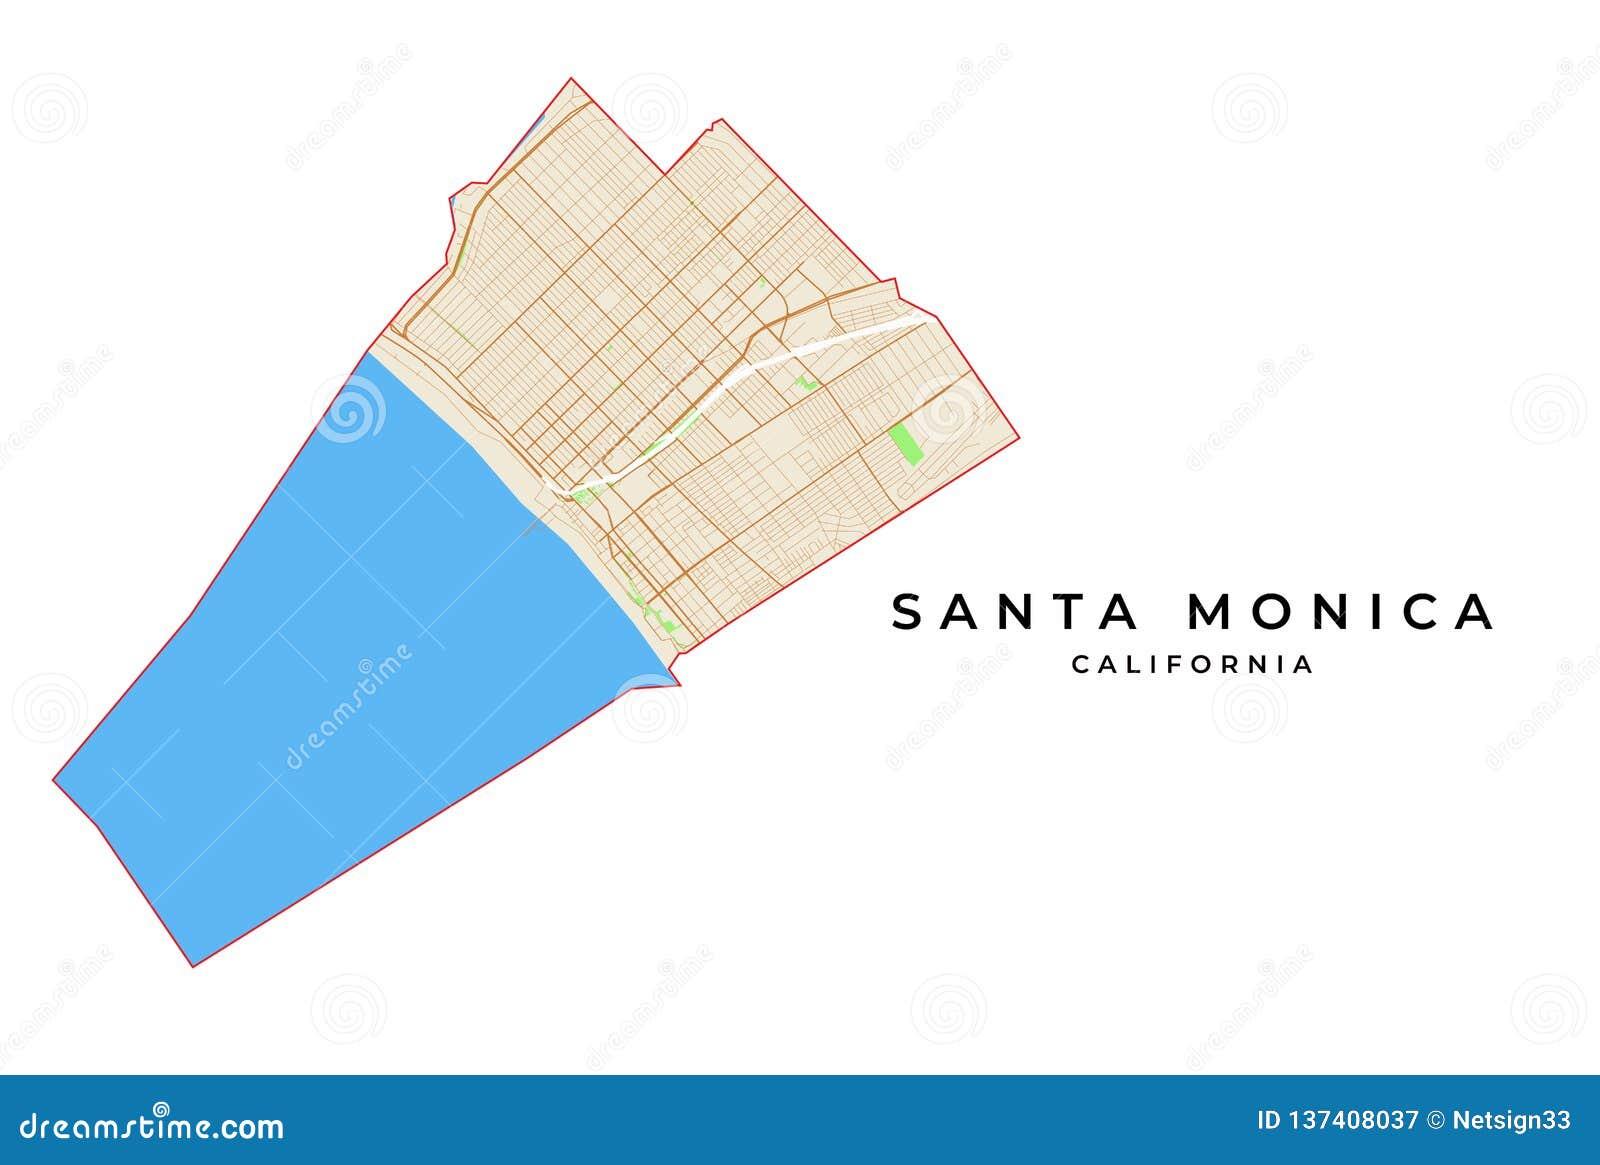 Vector Map Of Santa Monica, California, USA Stock Vector ...